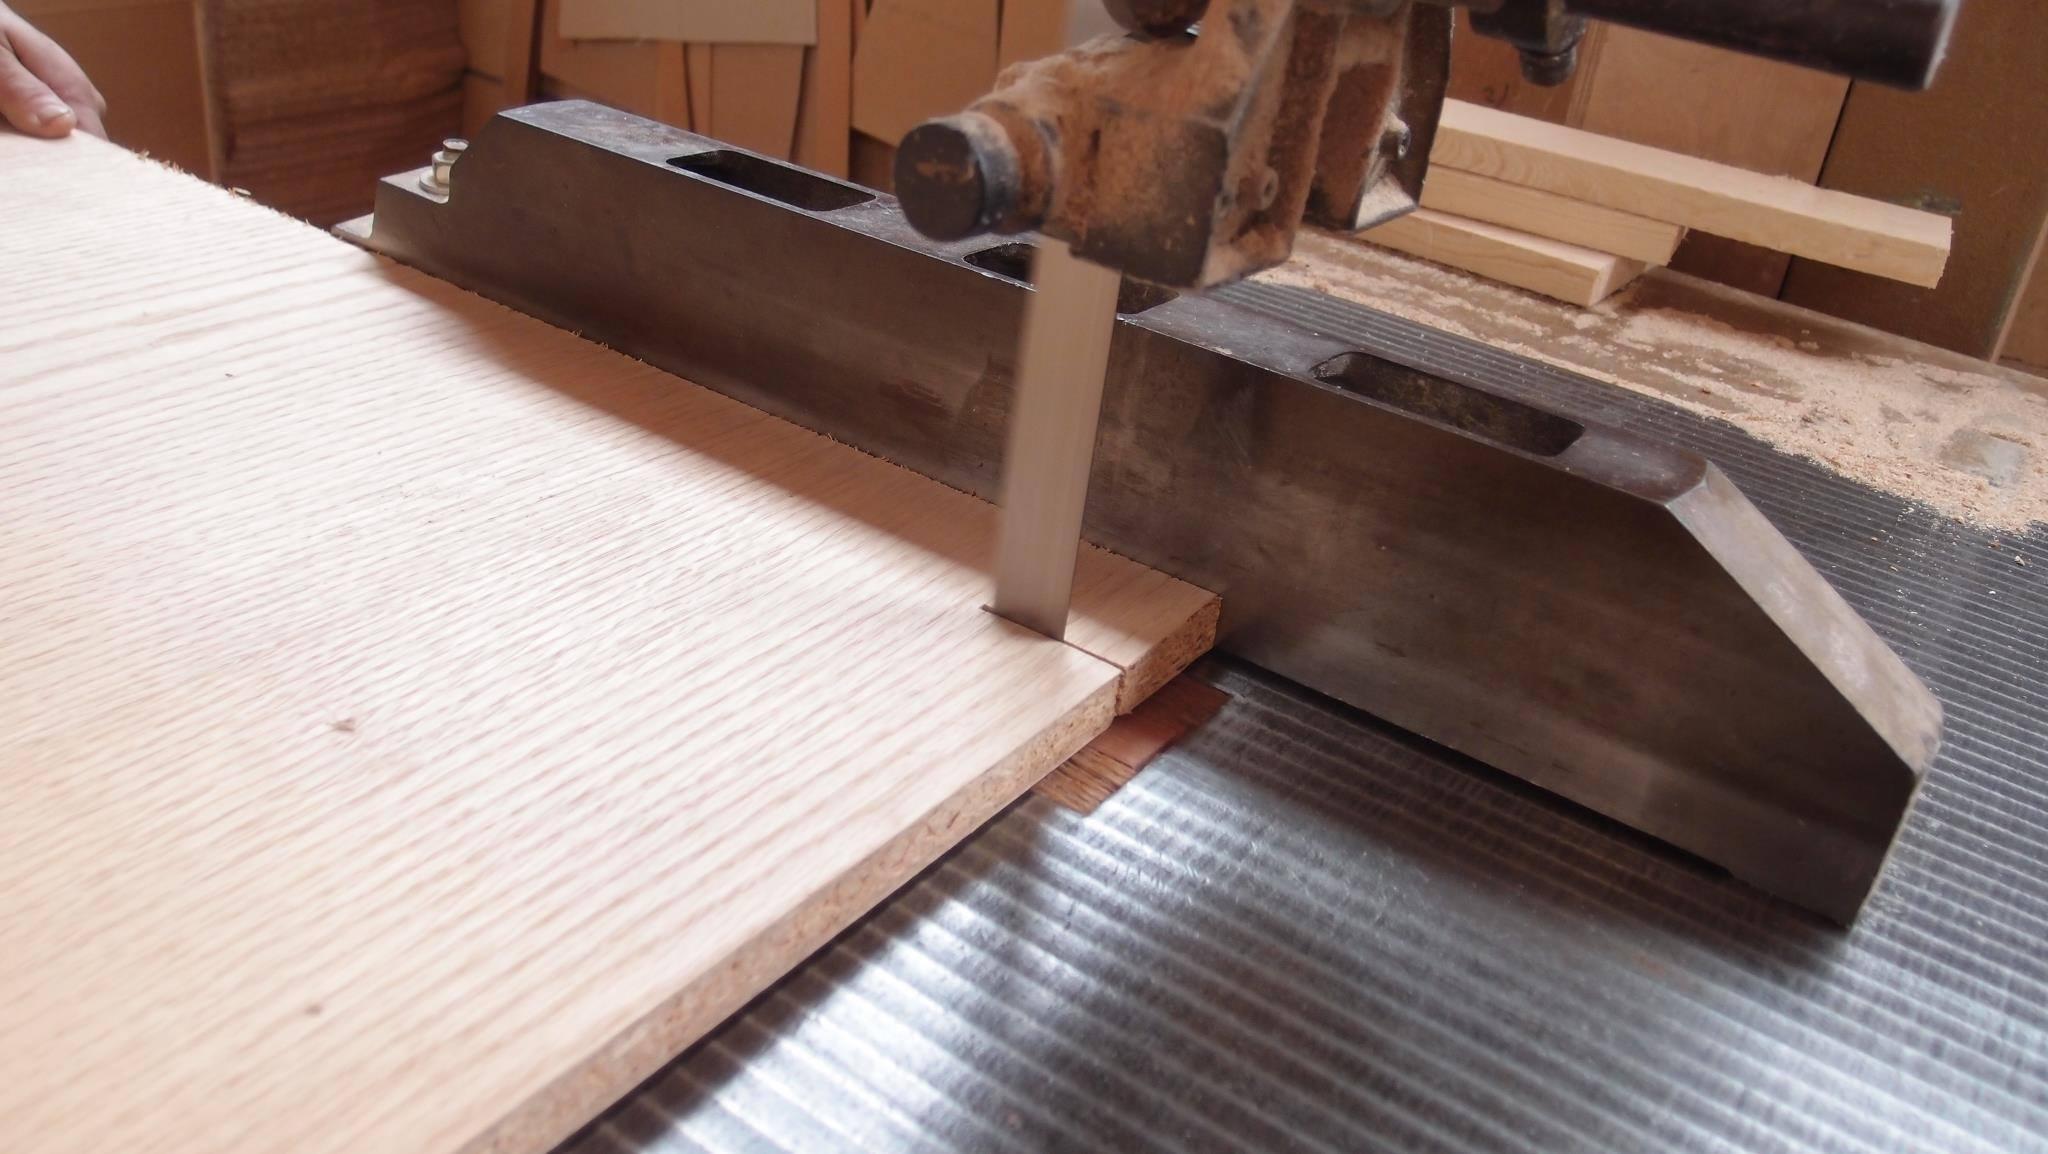 Waves Furniture Craftmanship